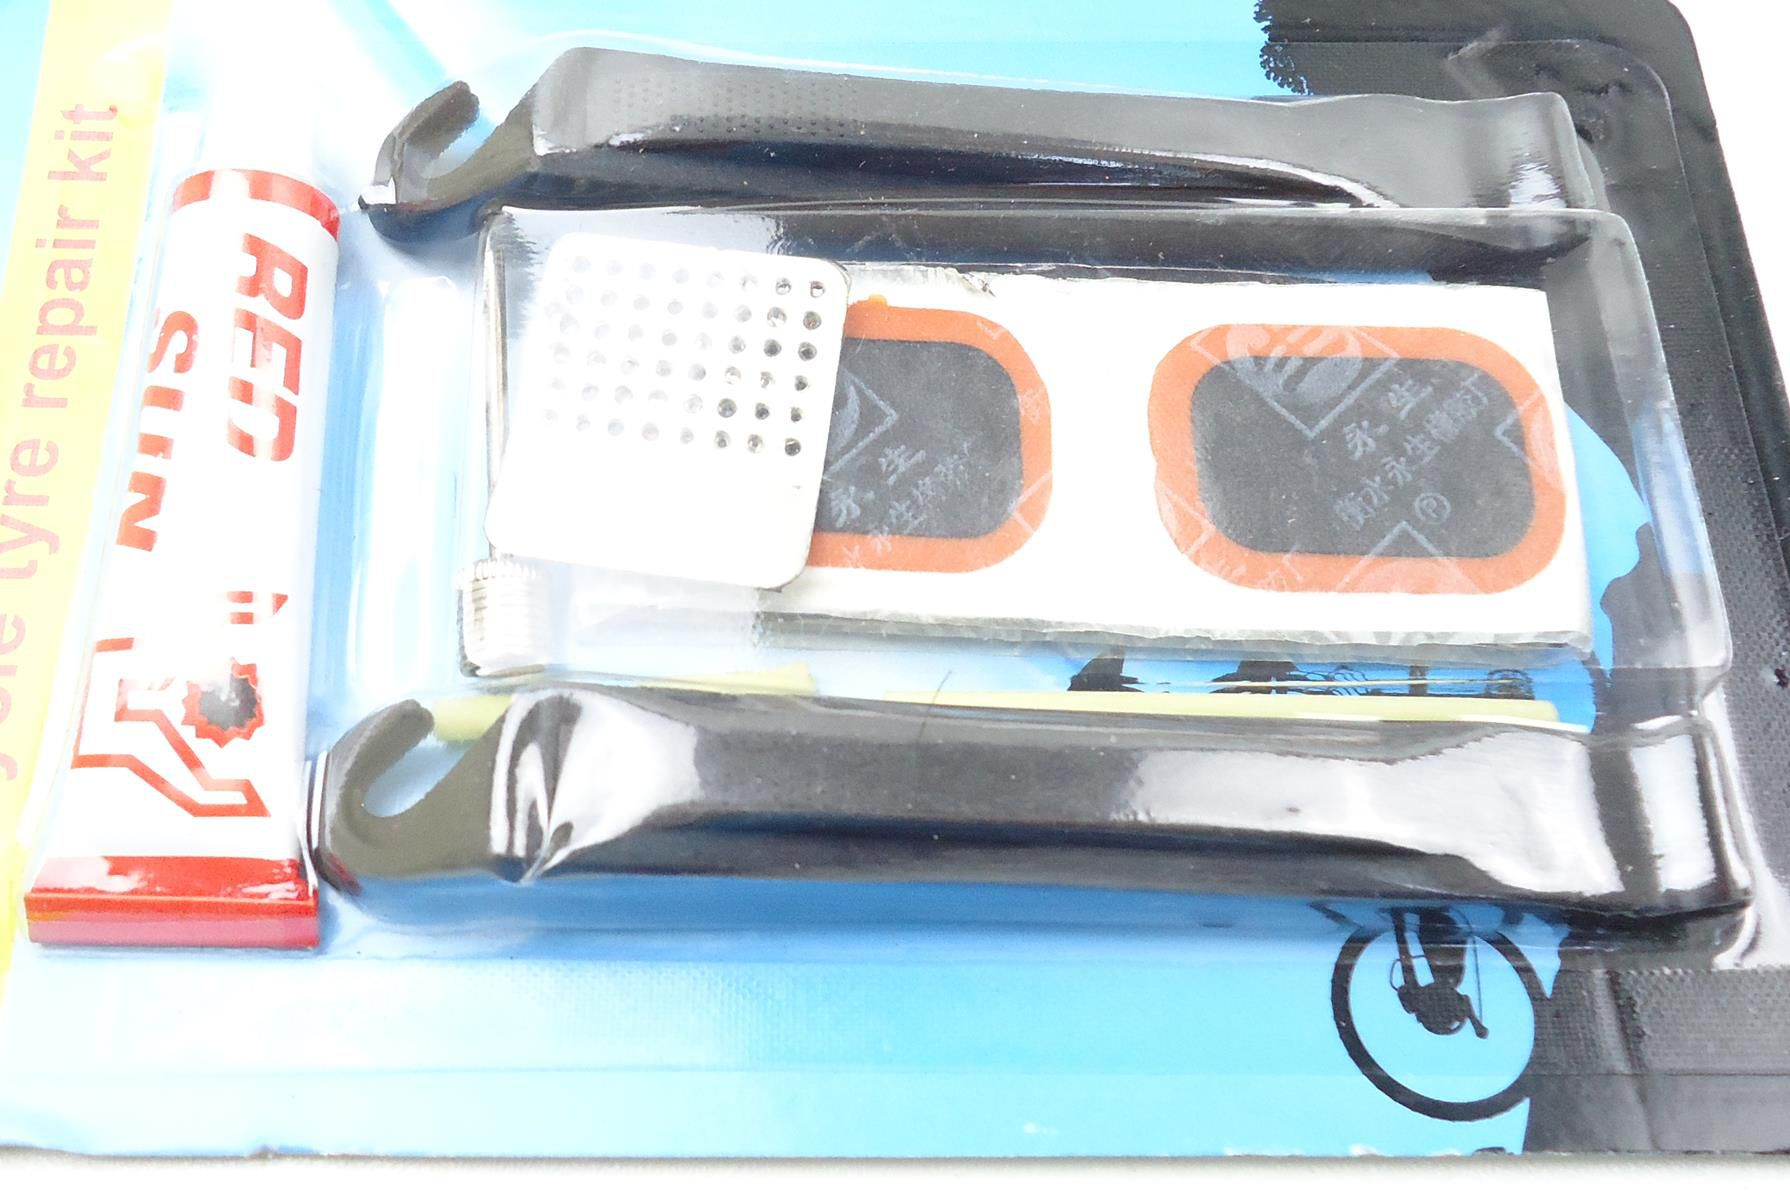 Kit de Reparo para Pneus com Câmara de ar para Bicicletas com Cola Lixa Remendos Espatulas